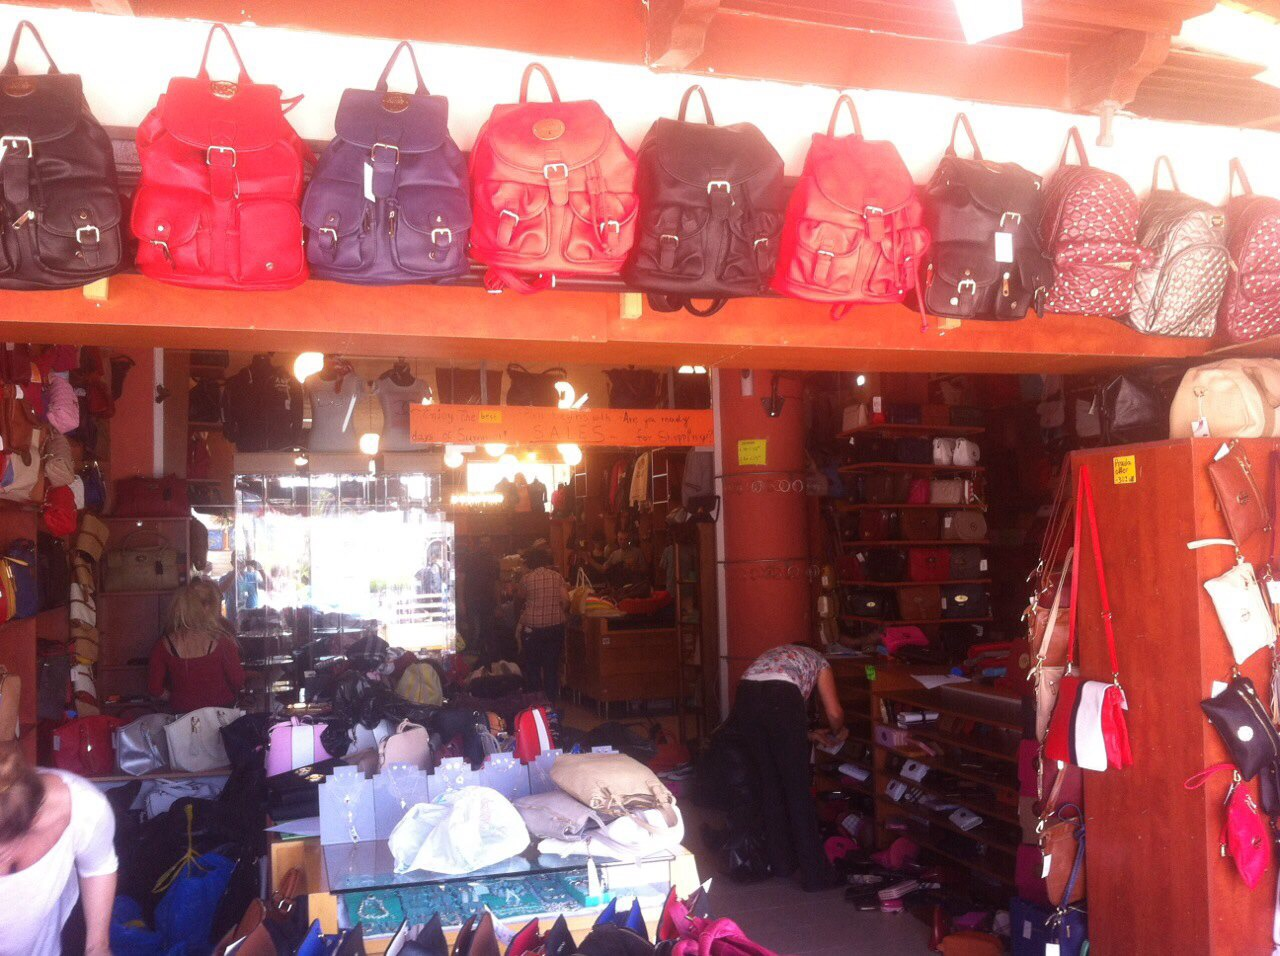 037d60d276 Προς καταστροφή 20.000 κινεζικά ρούχα και 6.200 τσάντες και πορτοφόλια